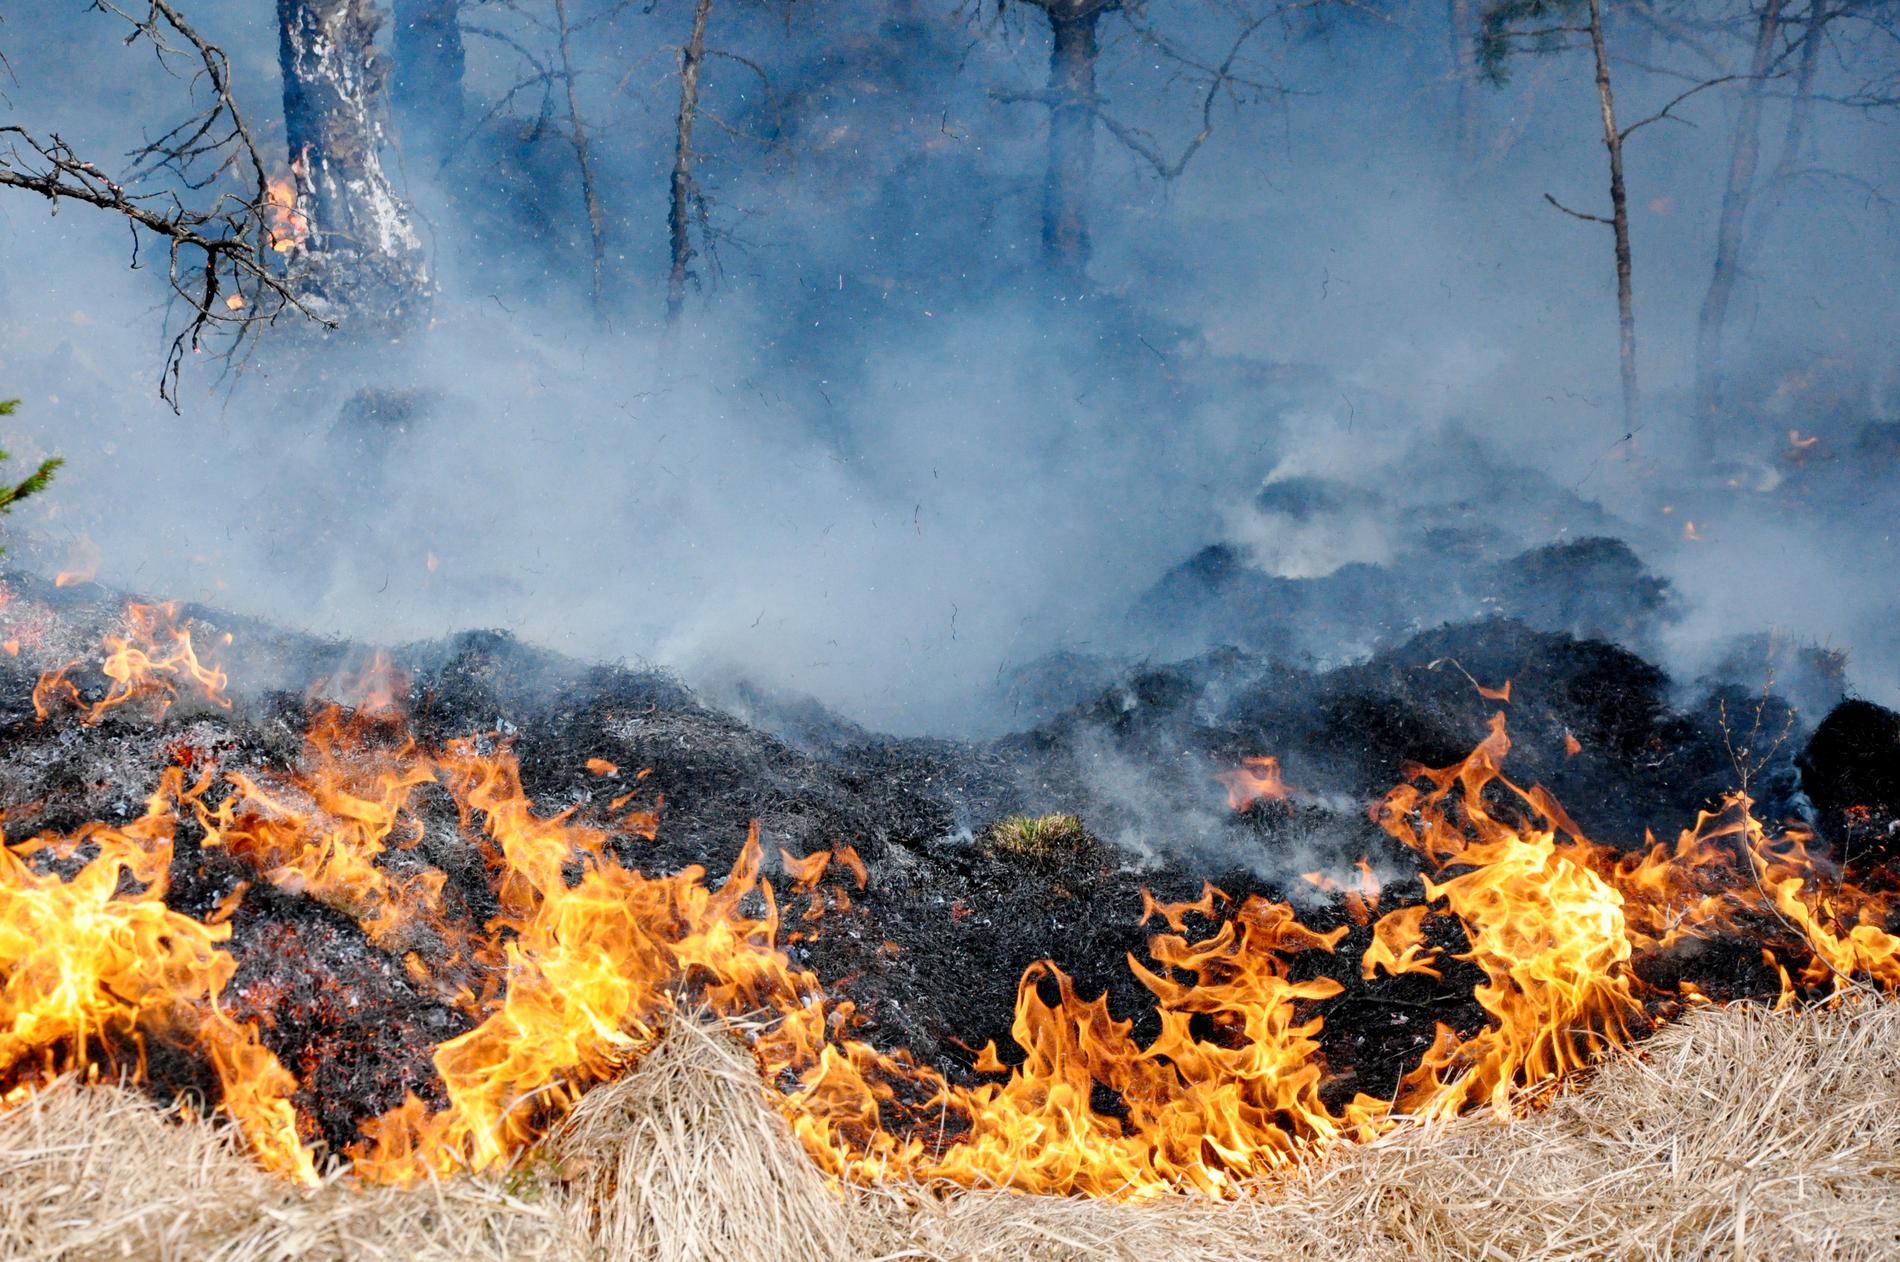 En kvinna döms för att ha orsakat en brand under rådande eldningsförbud. Arkivbild.